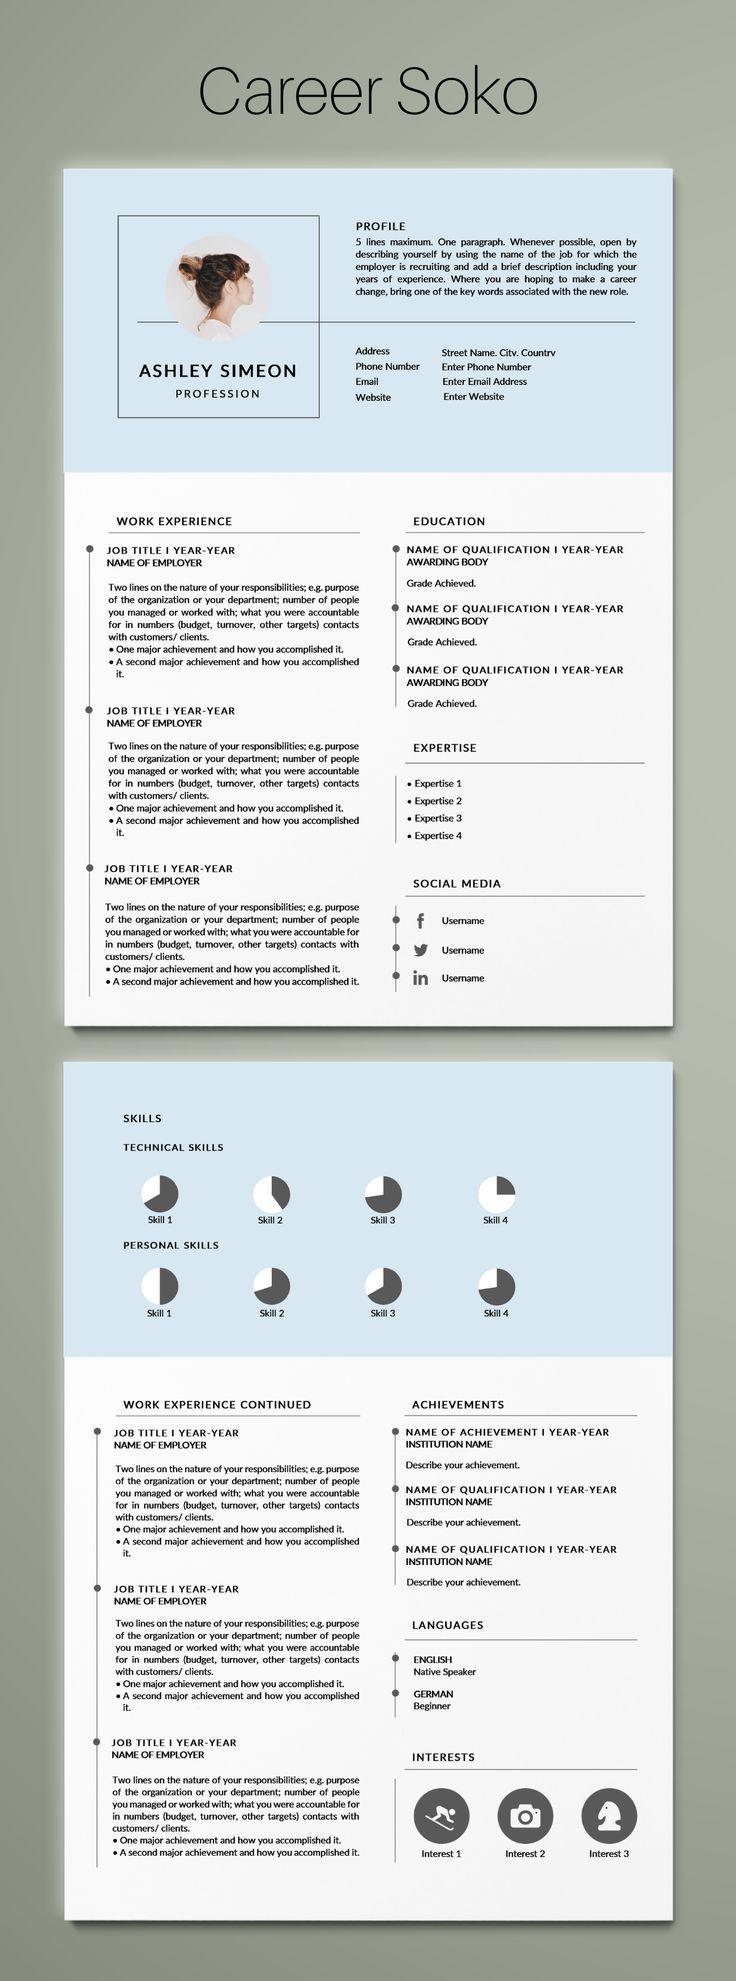 Curriculum Vitae Resume Design Word Resume Template Minimalist Resume 2 Sided Resume Template Resum Resume Design Template Resume Design Minimalist Resume